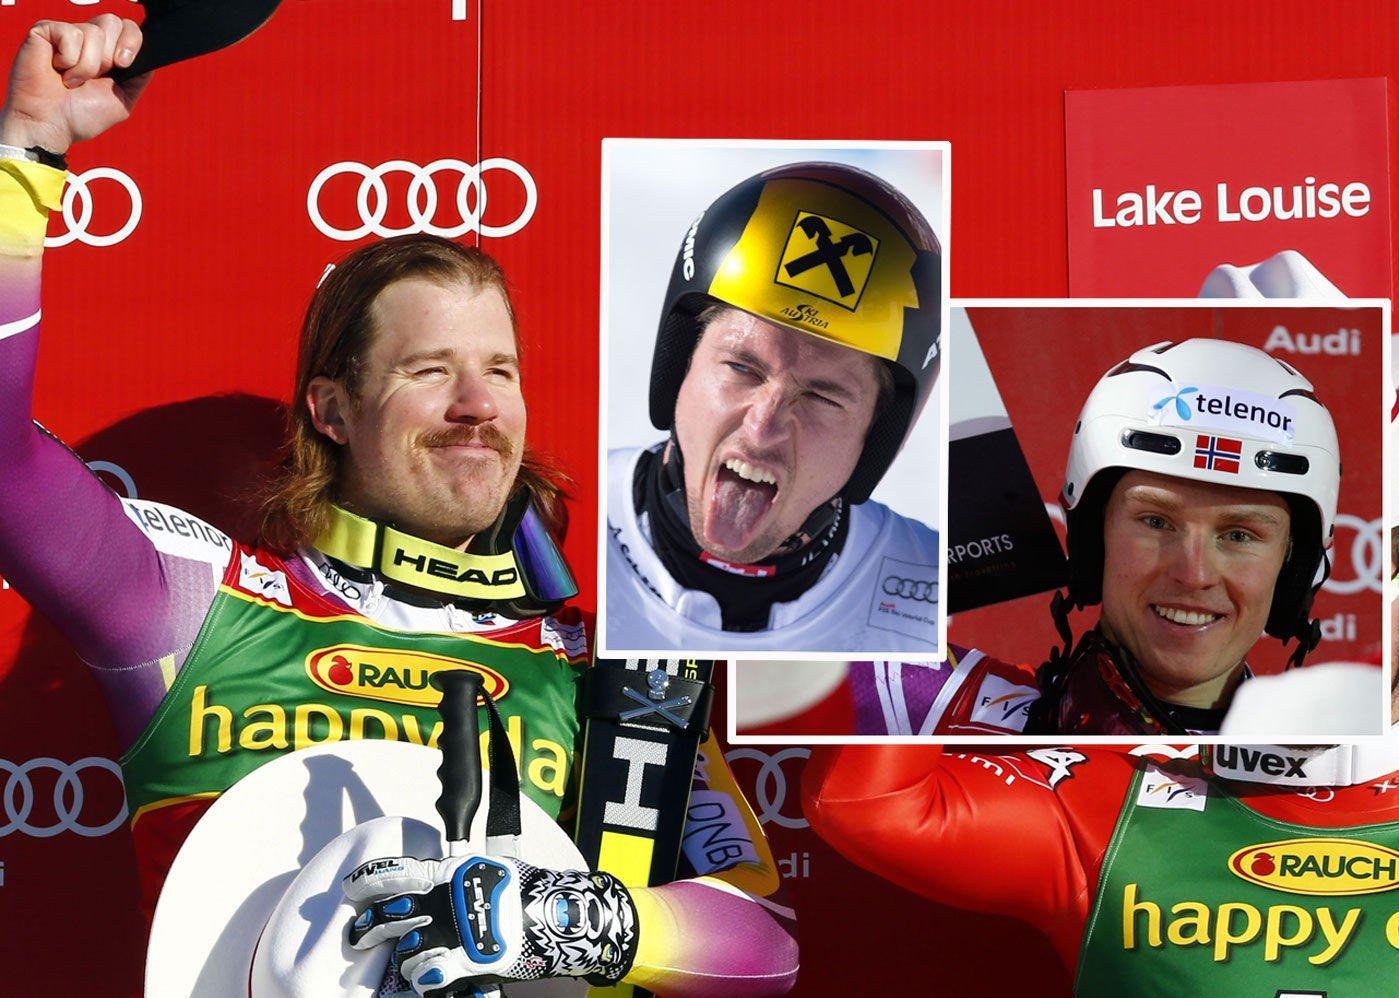 FAVORITTENE: Kjetil Jansrud (til venstre) leder verdenscupen, mens Marcel Hirscher (i midten) vant i fjor. Kjetil André Aamodt tror Henrik Kristoffersen også kan blande seg inn.